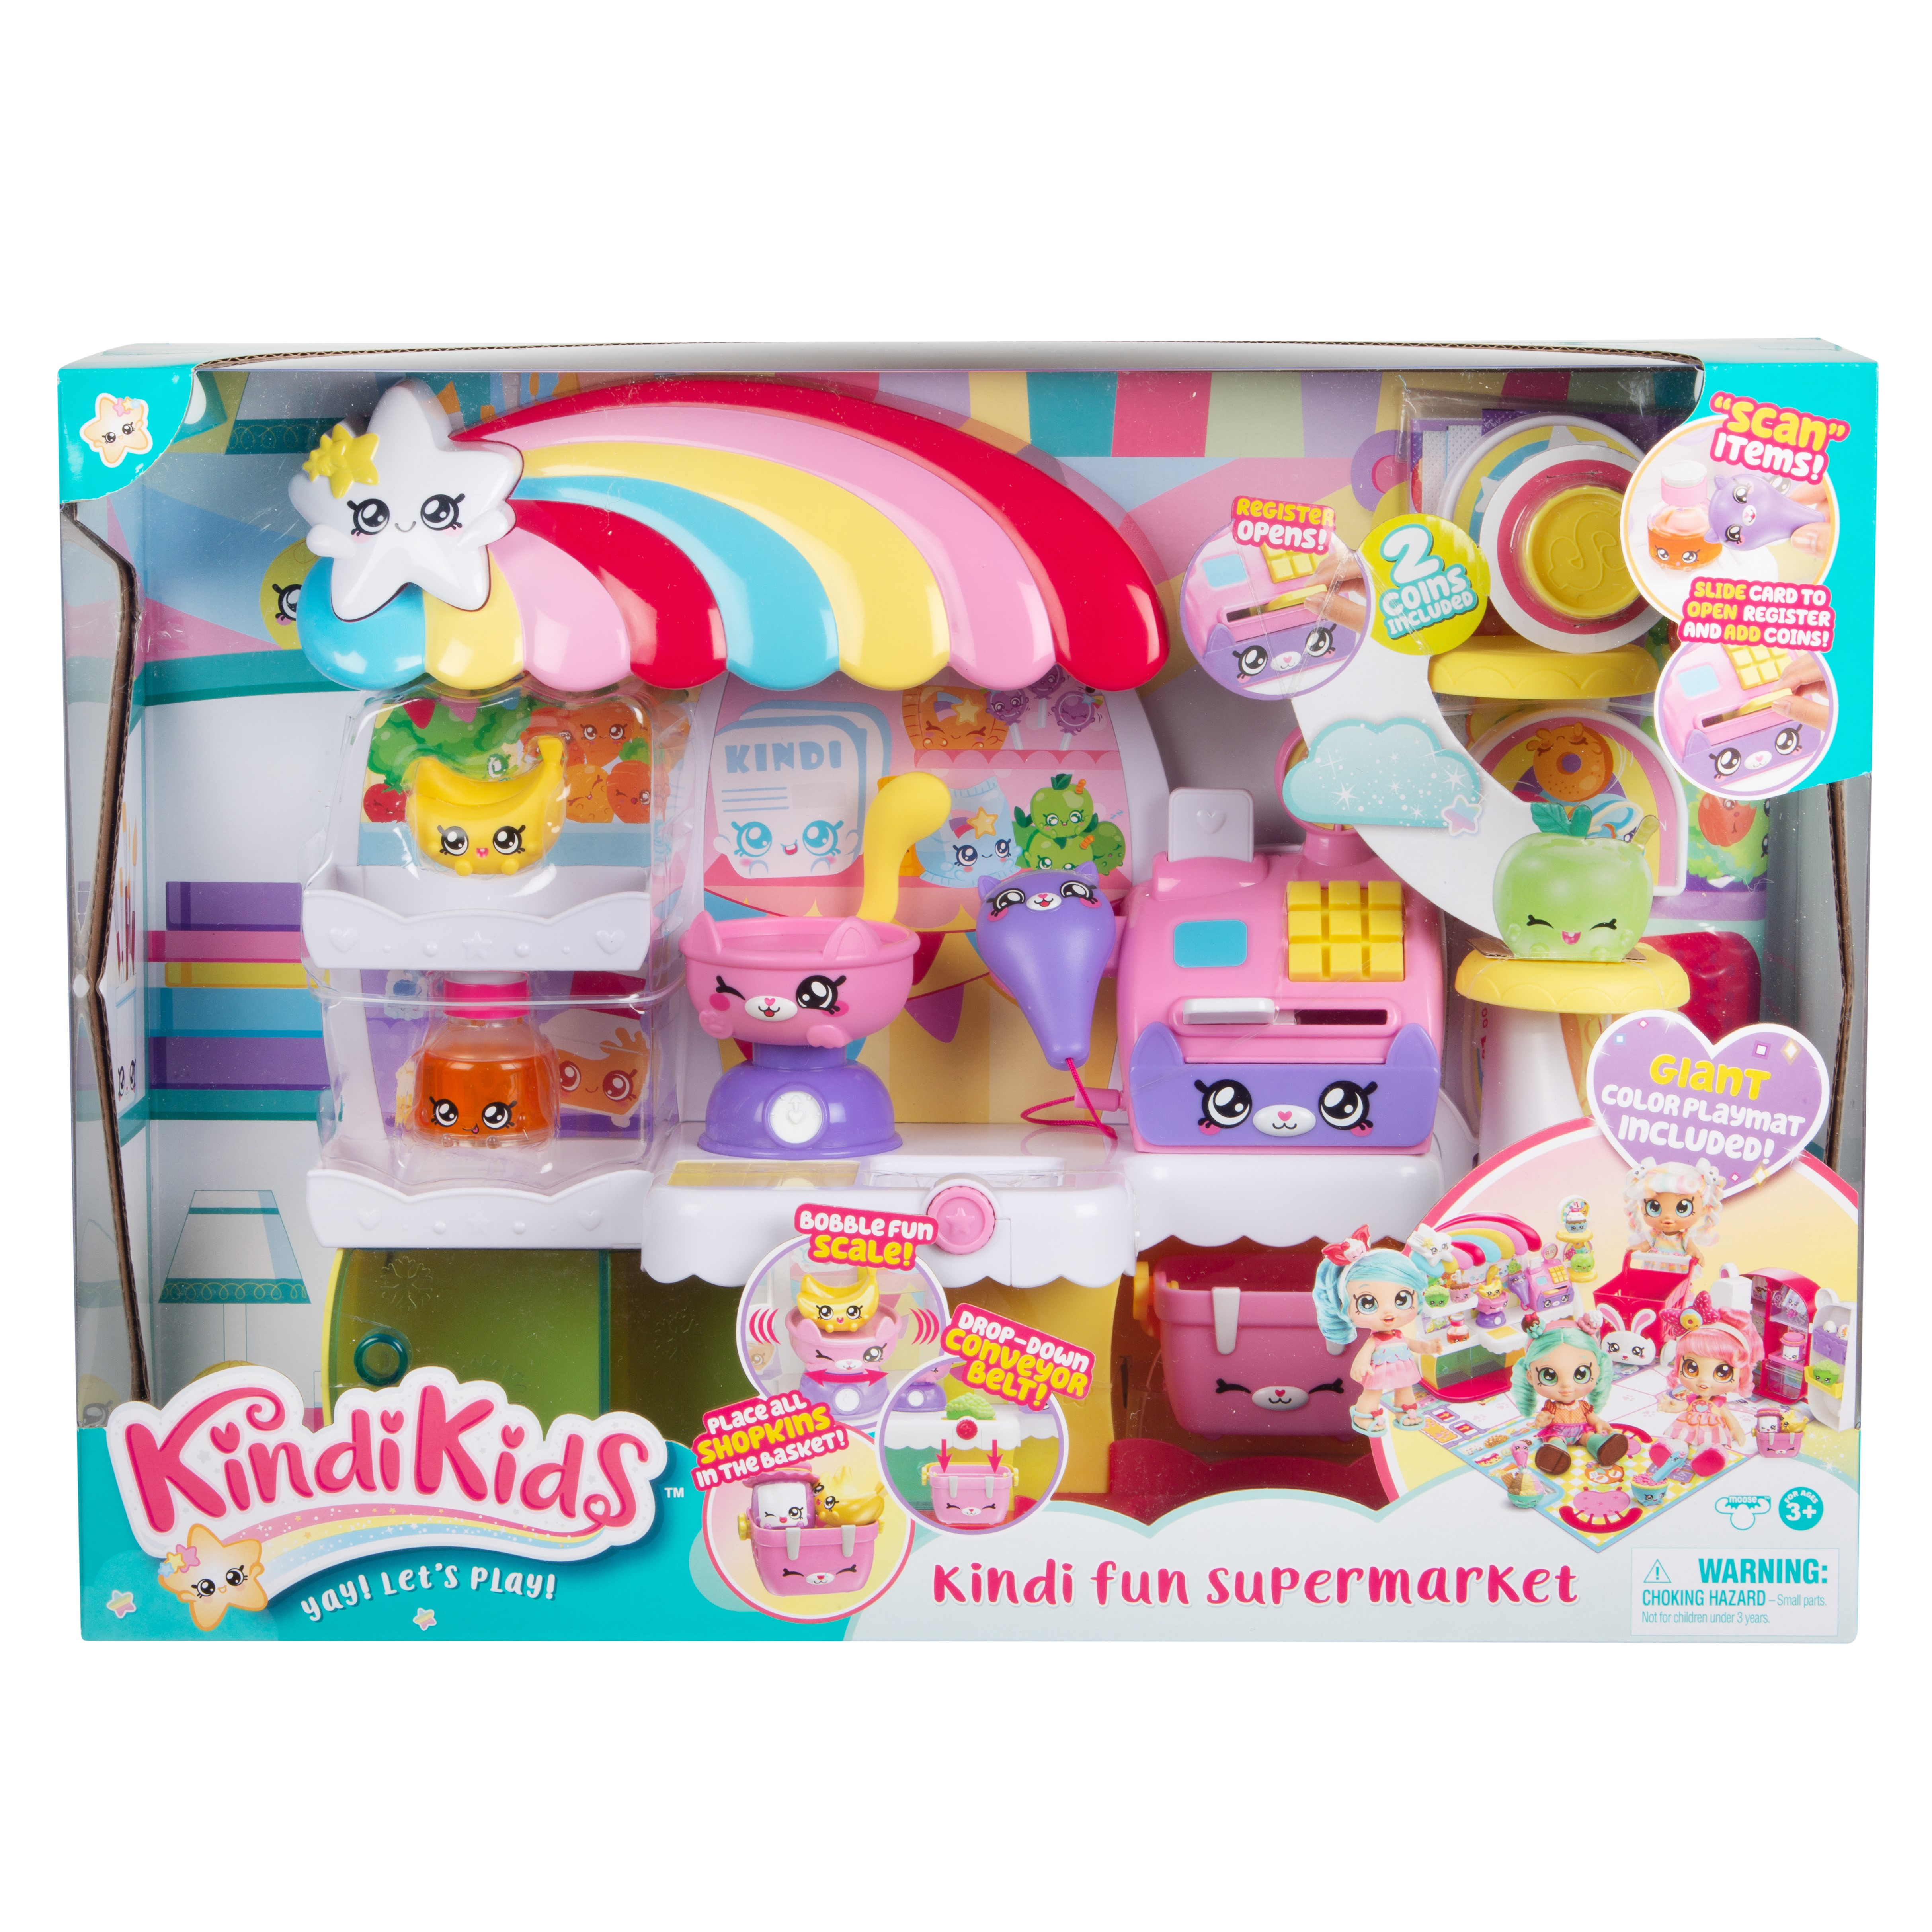 MOOSE KINDI KIDS Supermarketin leikkisetti